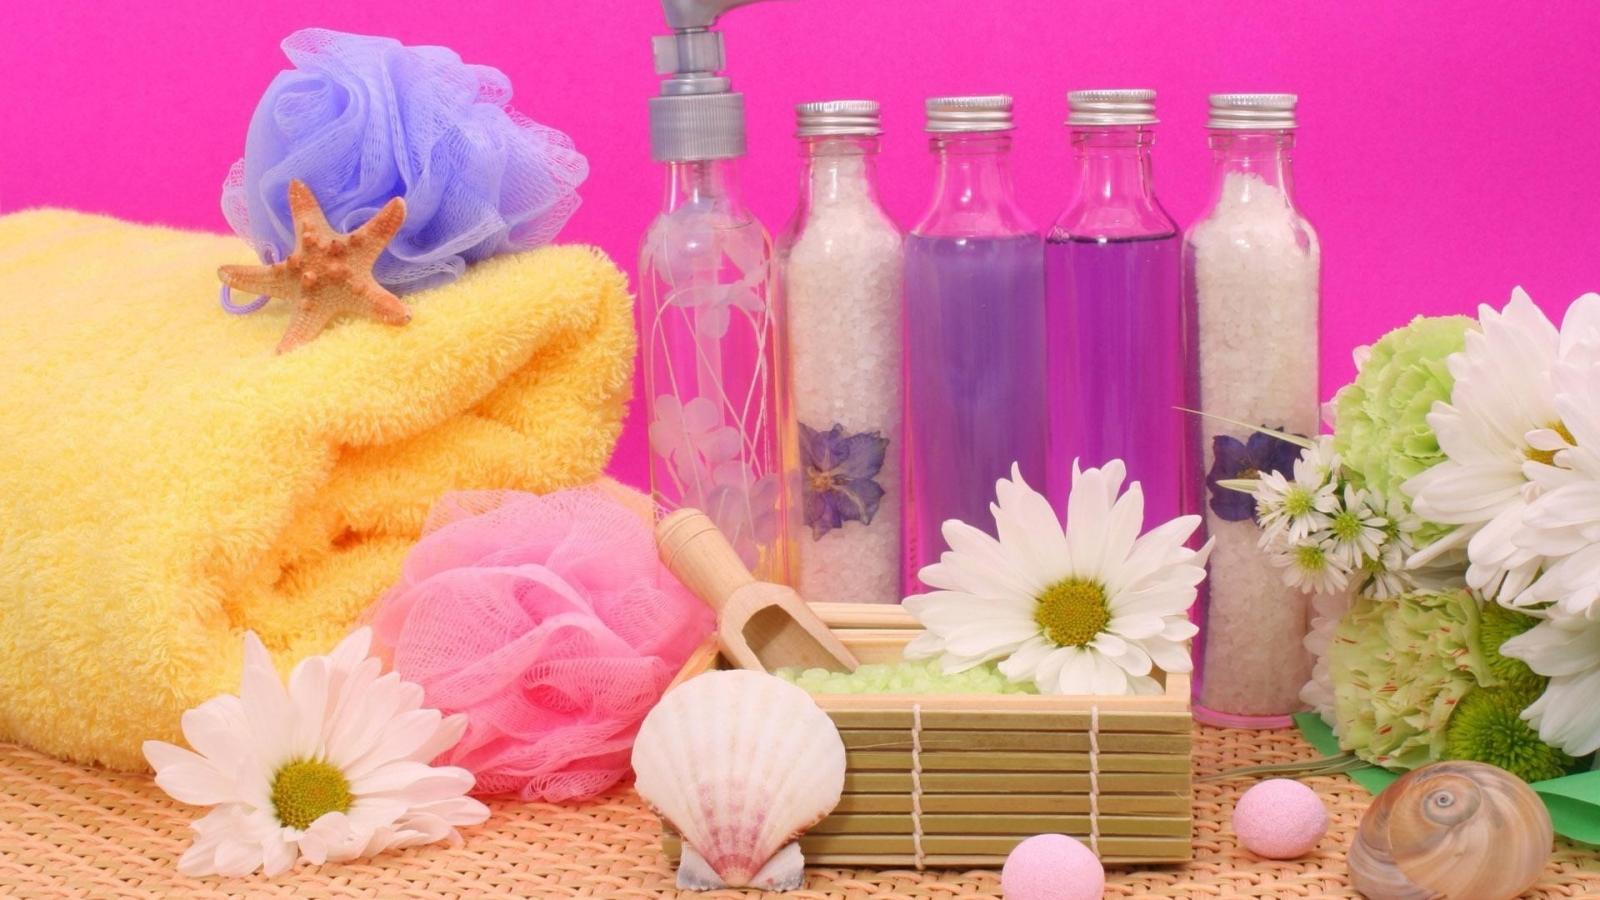 Flores y aromas - 1600x900